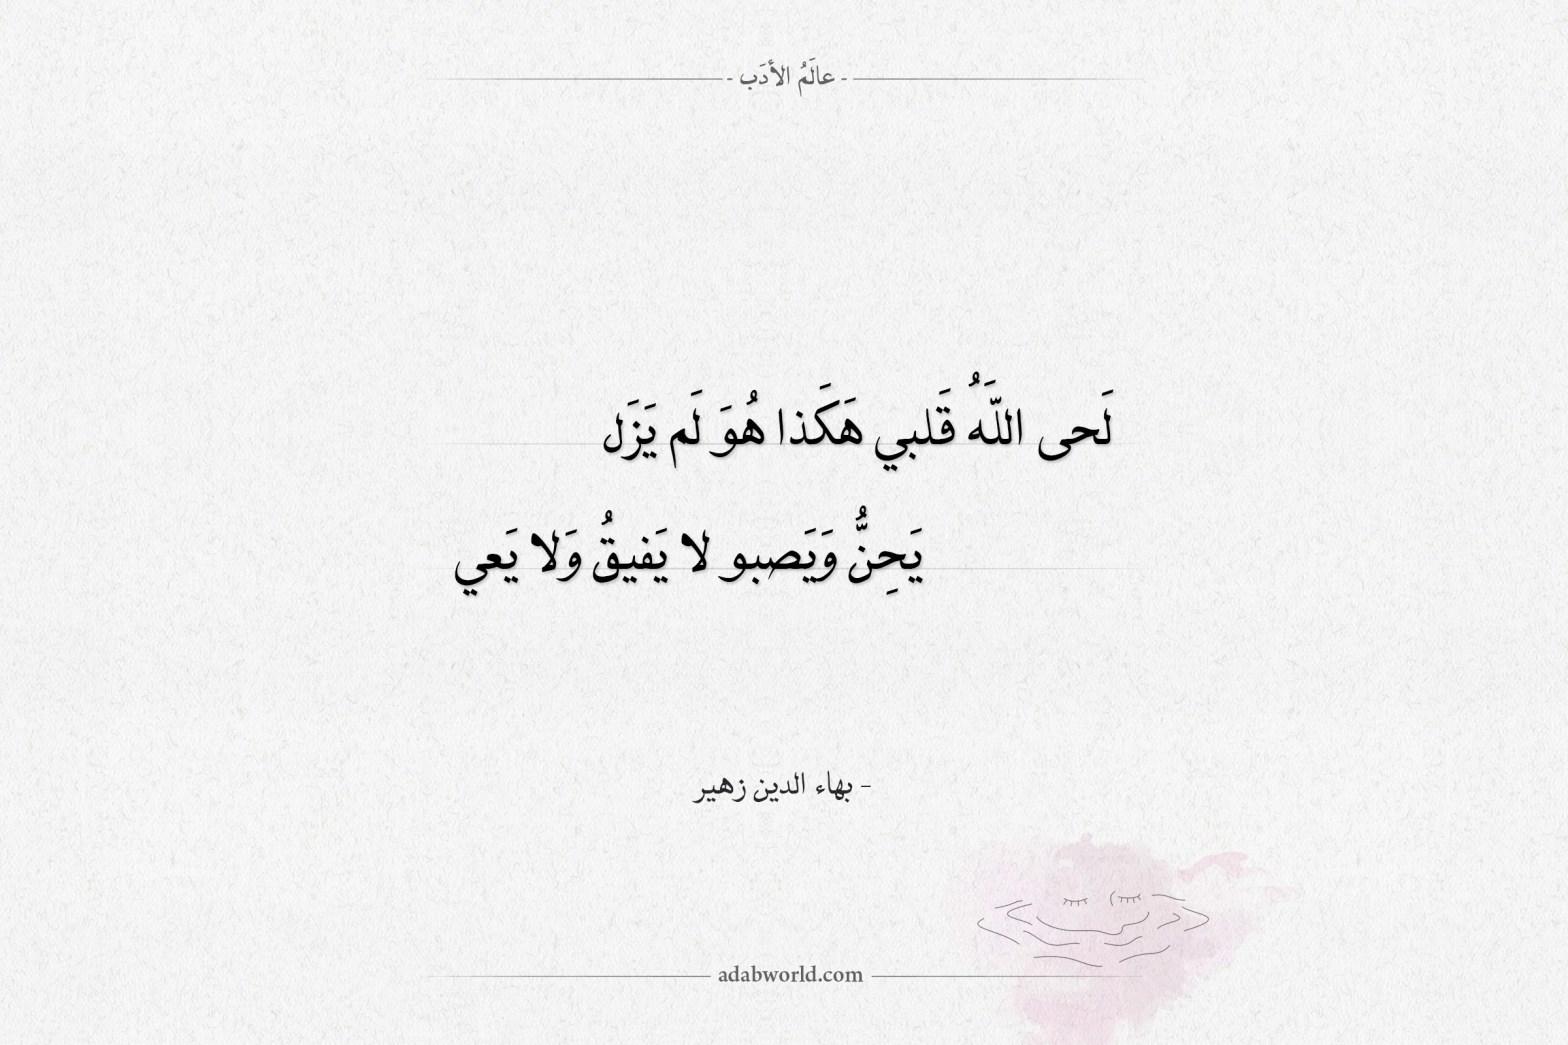 شعر بهاء الدين زهير لحى الله قلبي